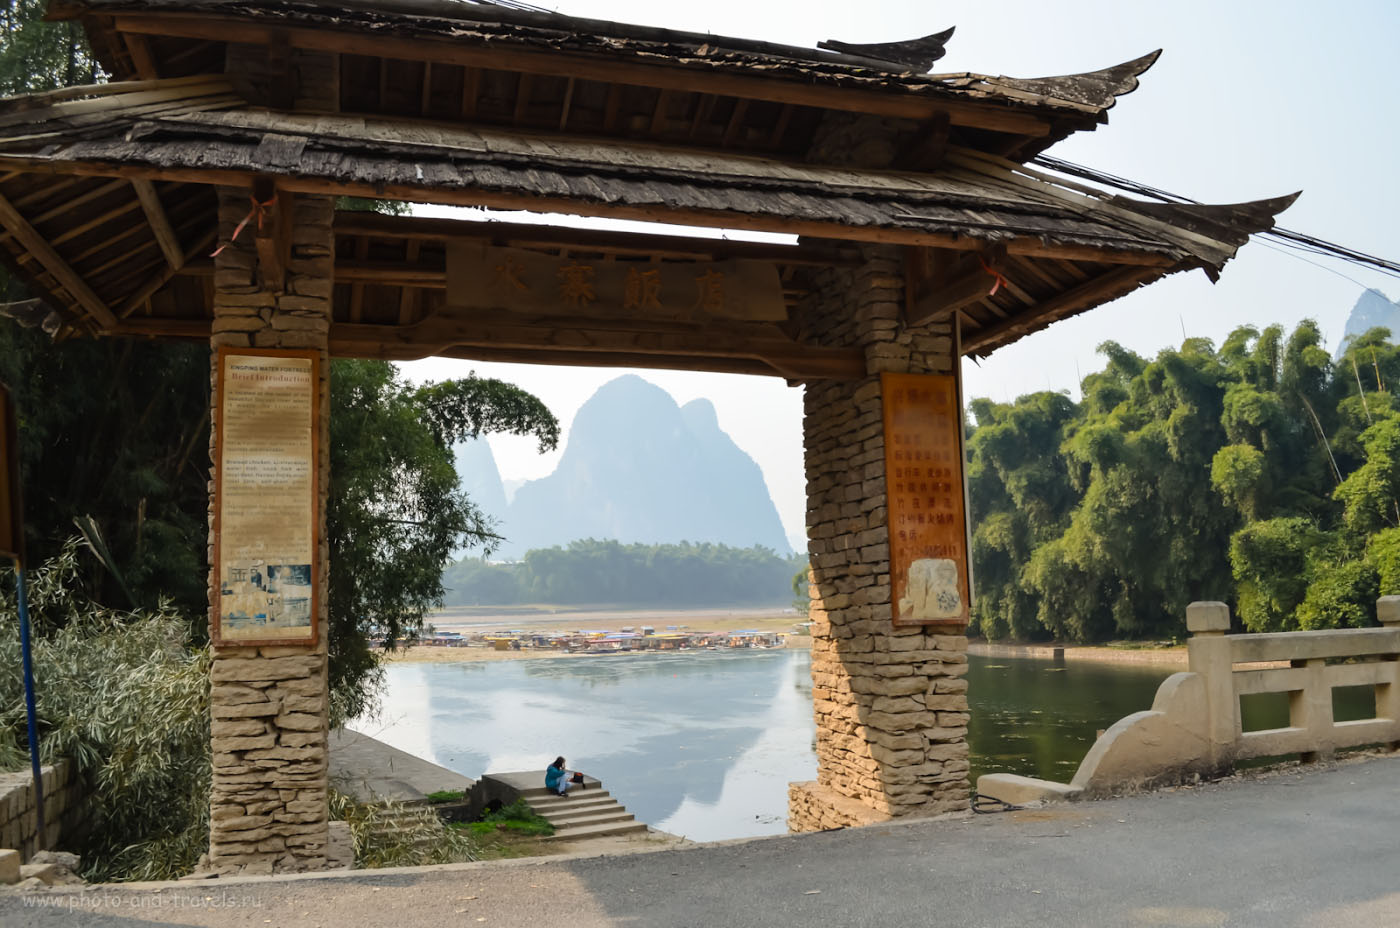 Фотография 10. Путешествие по Китаю самостоятельно. Подходим к речной пристани в Синьпине на реке Ли. Отсюда начинается сплав на плотах. 1/250, 8.0, 160, 18.